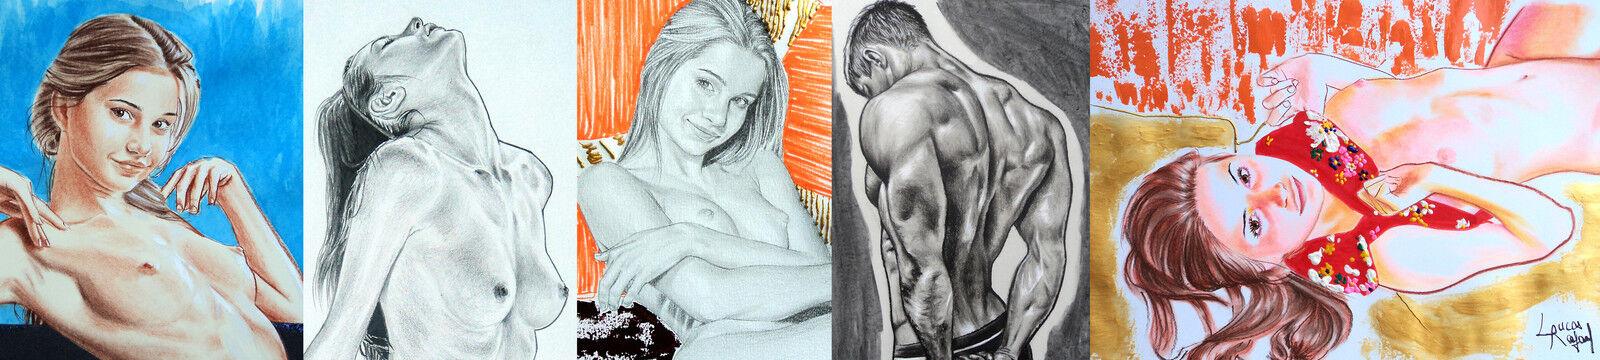 Lucas Rafael Nude Fine Art